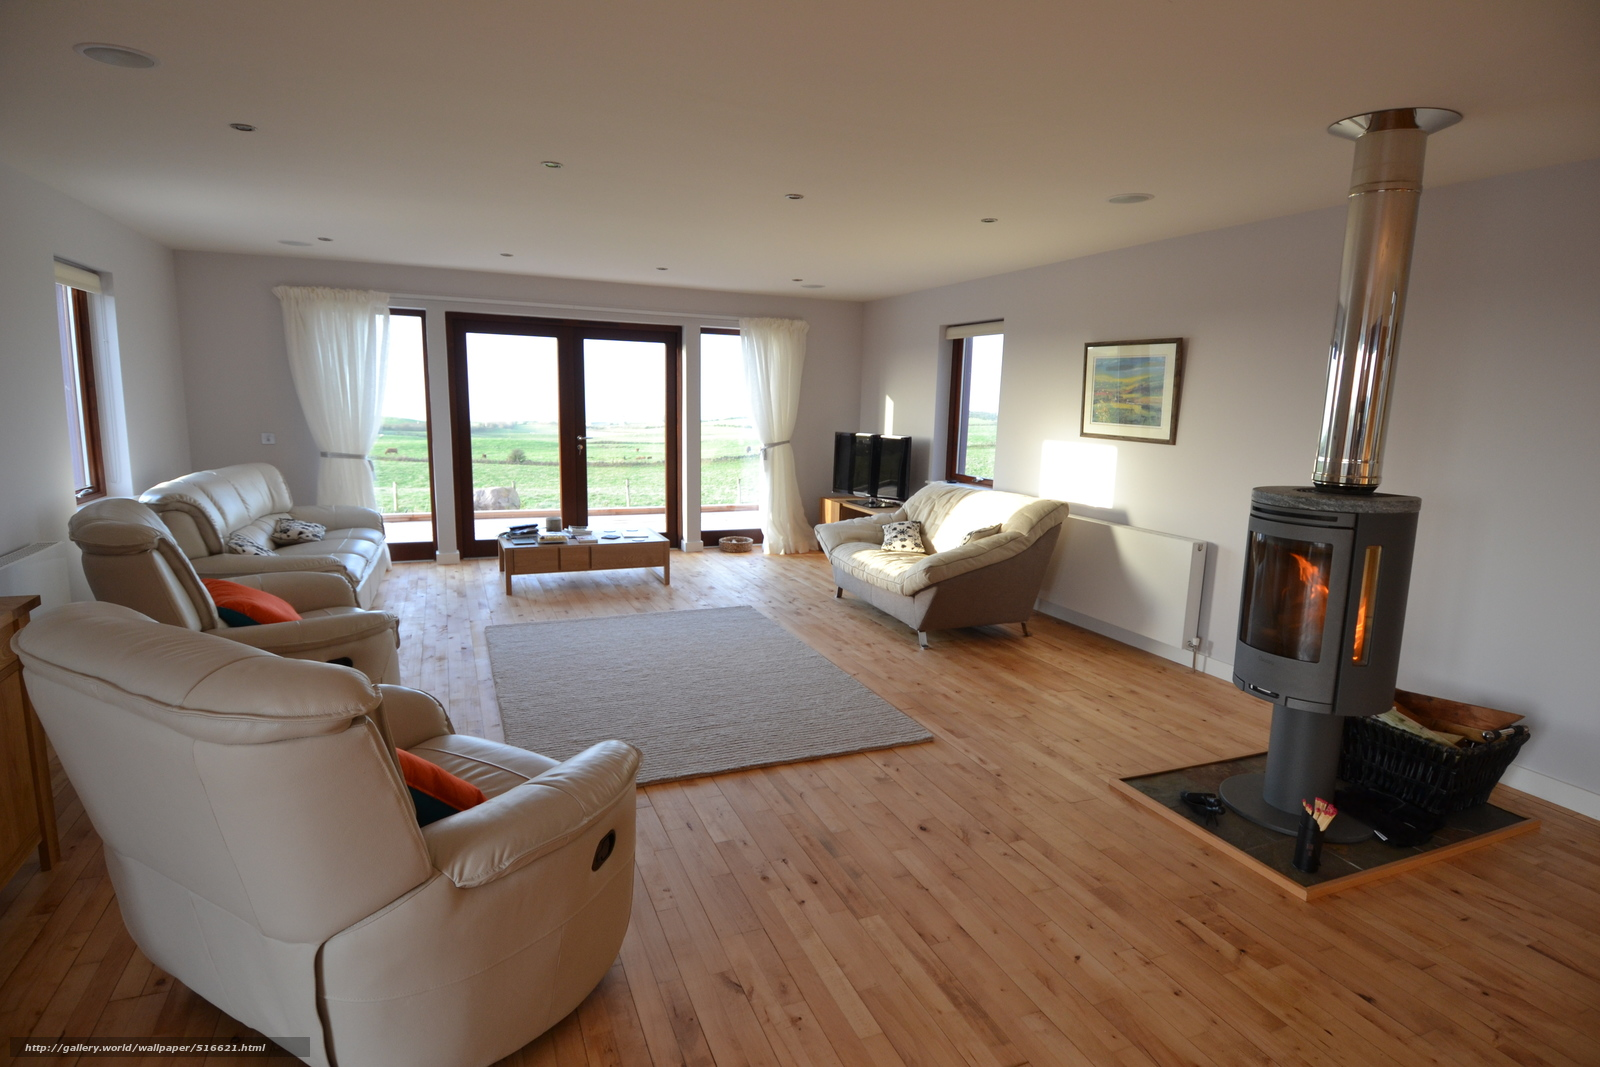 villa wohnzimmer:villa wohnzimmer : Tapete Design, Villa, Wohnzimmer, Innen , Stil